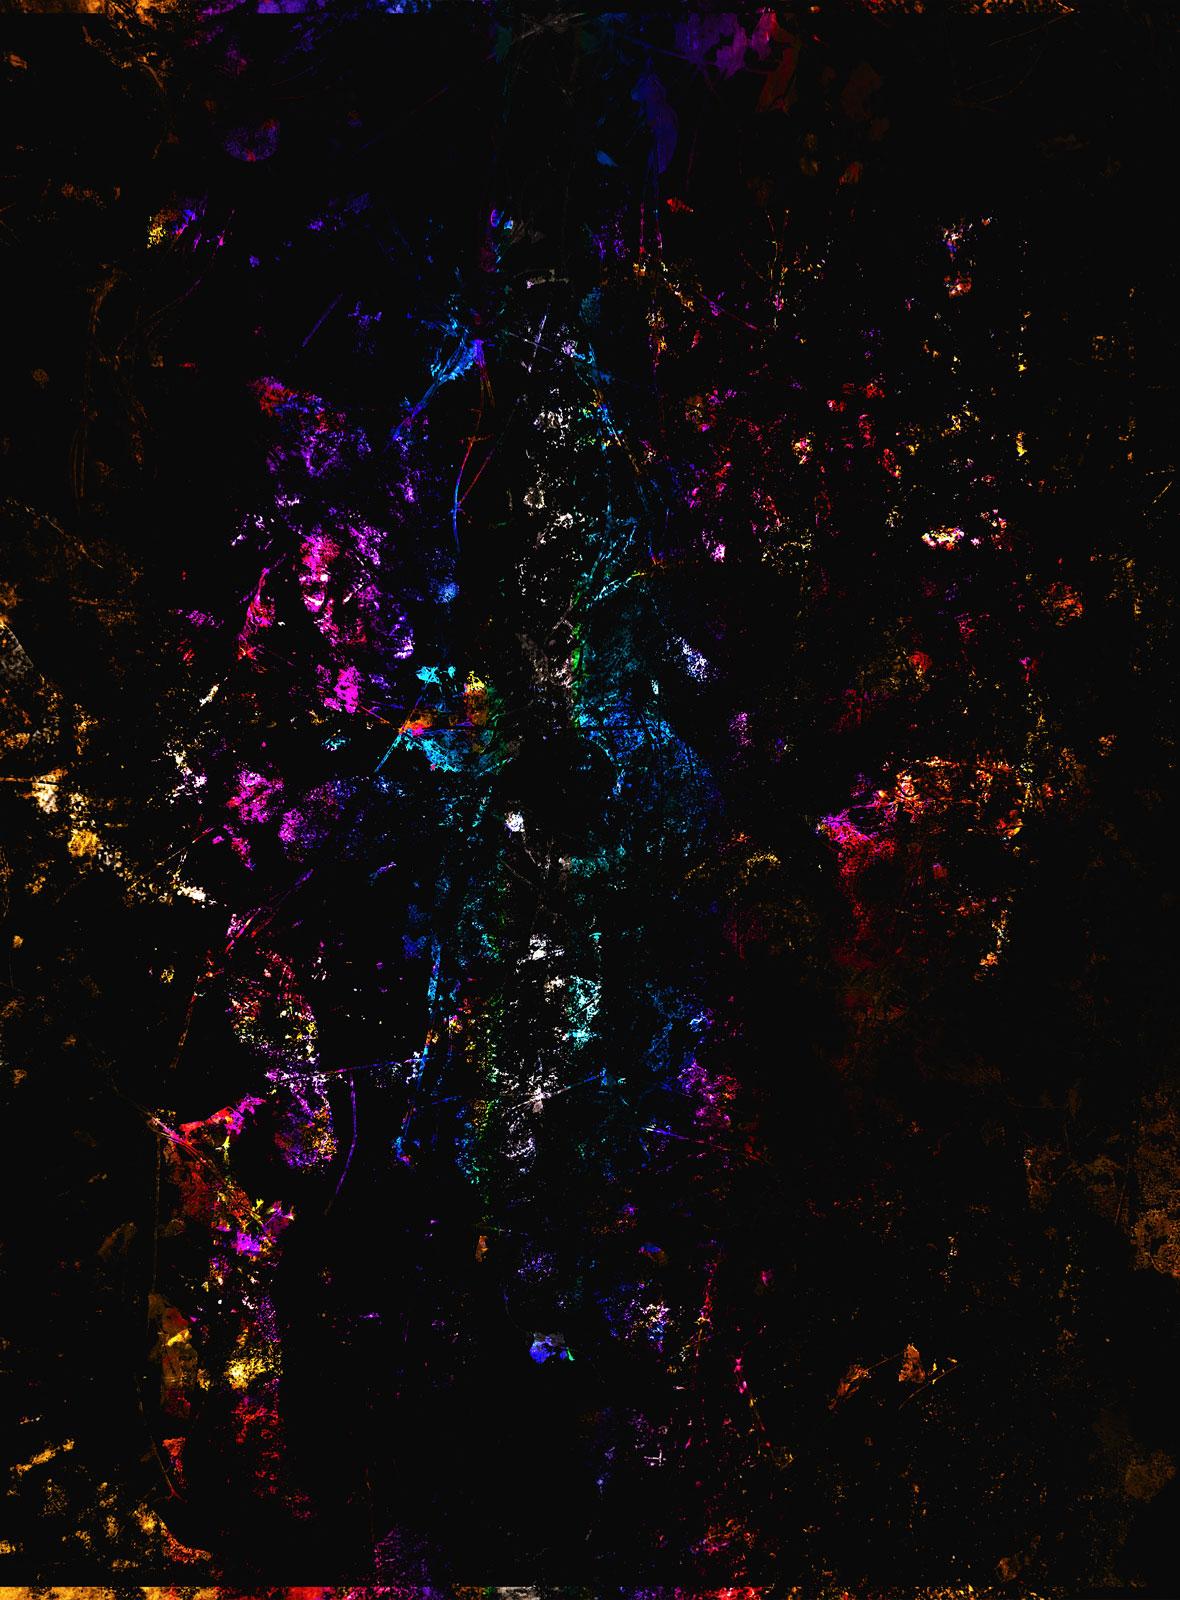 Elemental Frost N10 - The Butterfly • 90 x 122 cm (35.43 x 48.03 in)